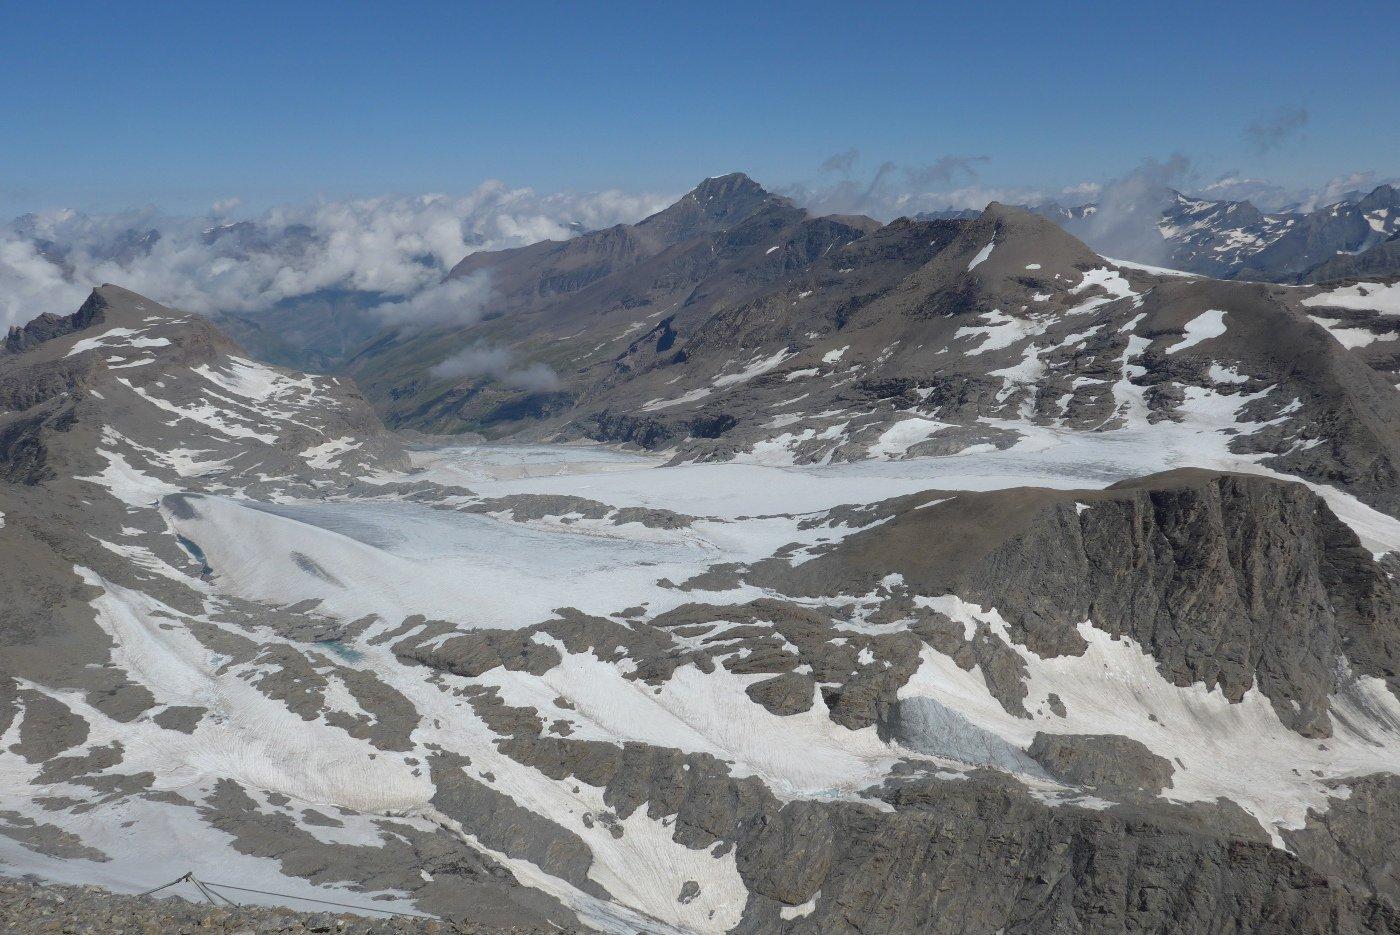 Il ghiacciaio del Rocciamelone, in condizioni un po' migliori degli anni scorsi